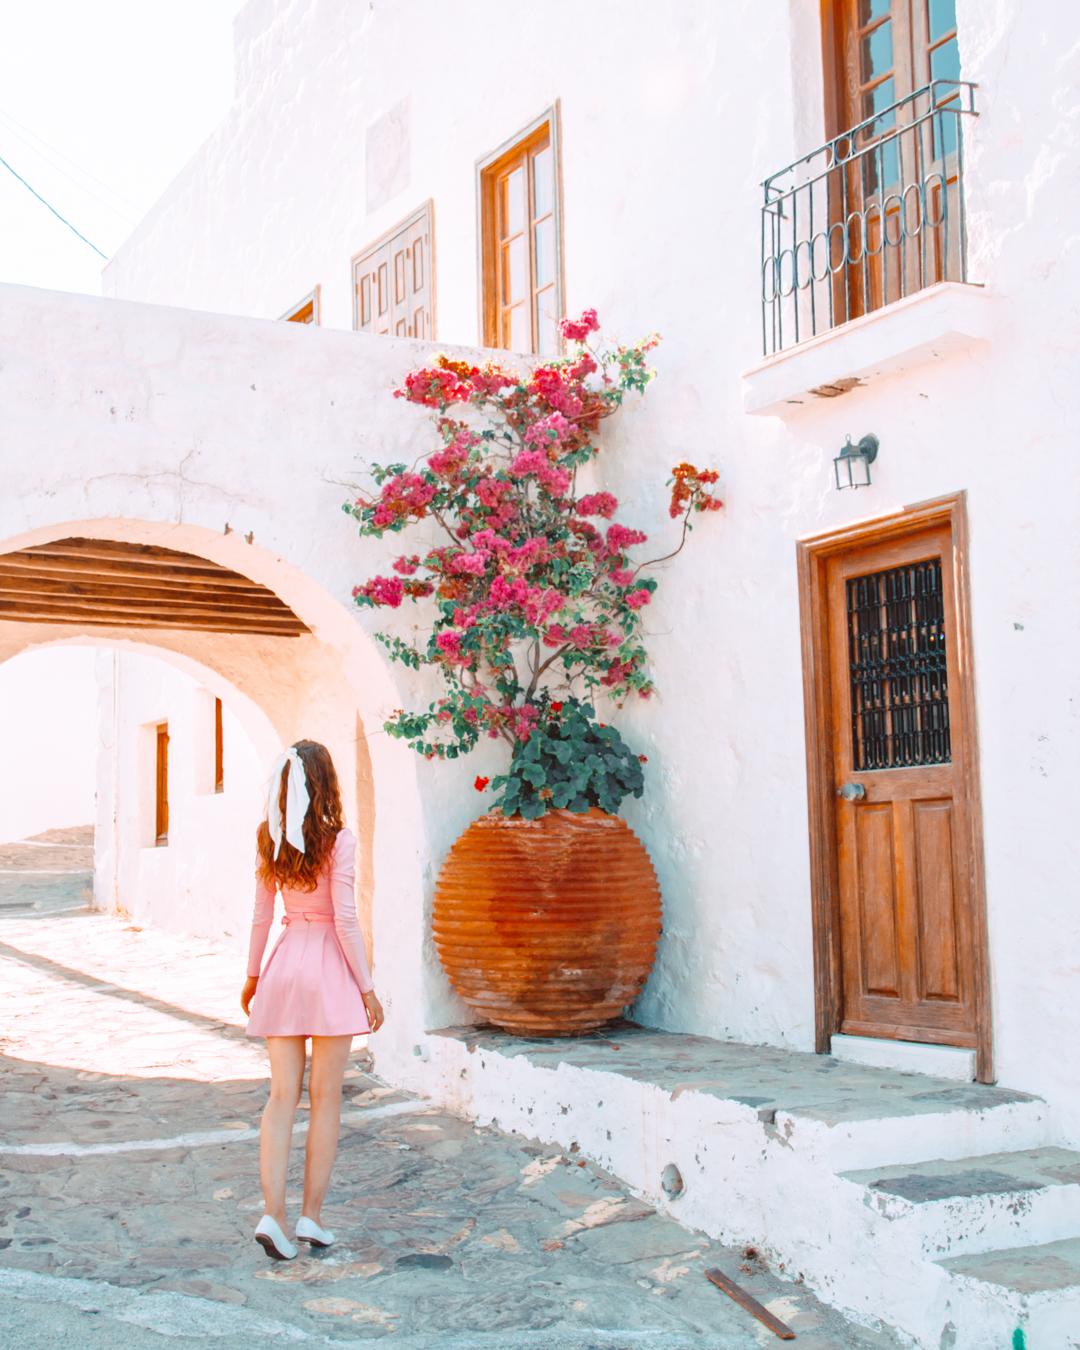 A street in Plaka in Milos